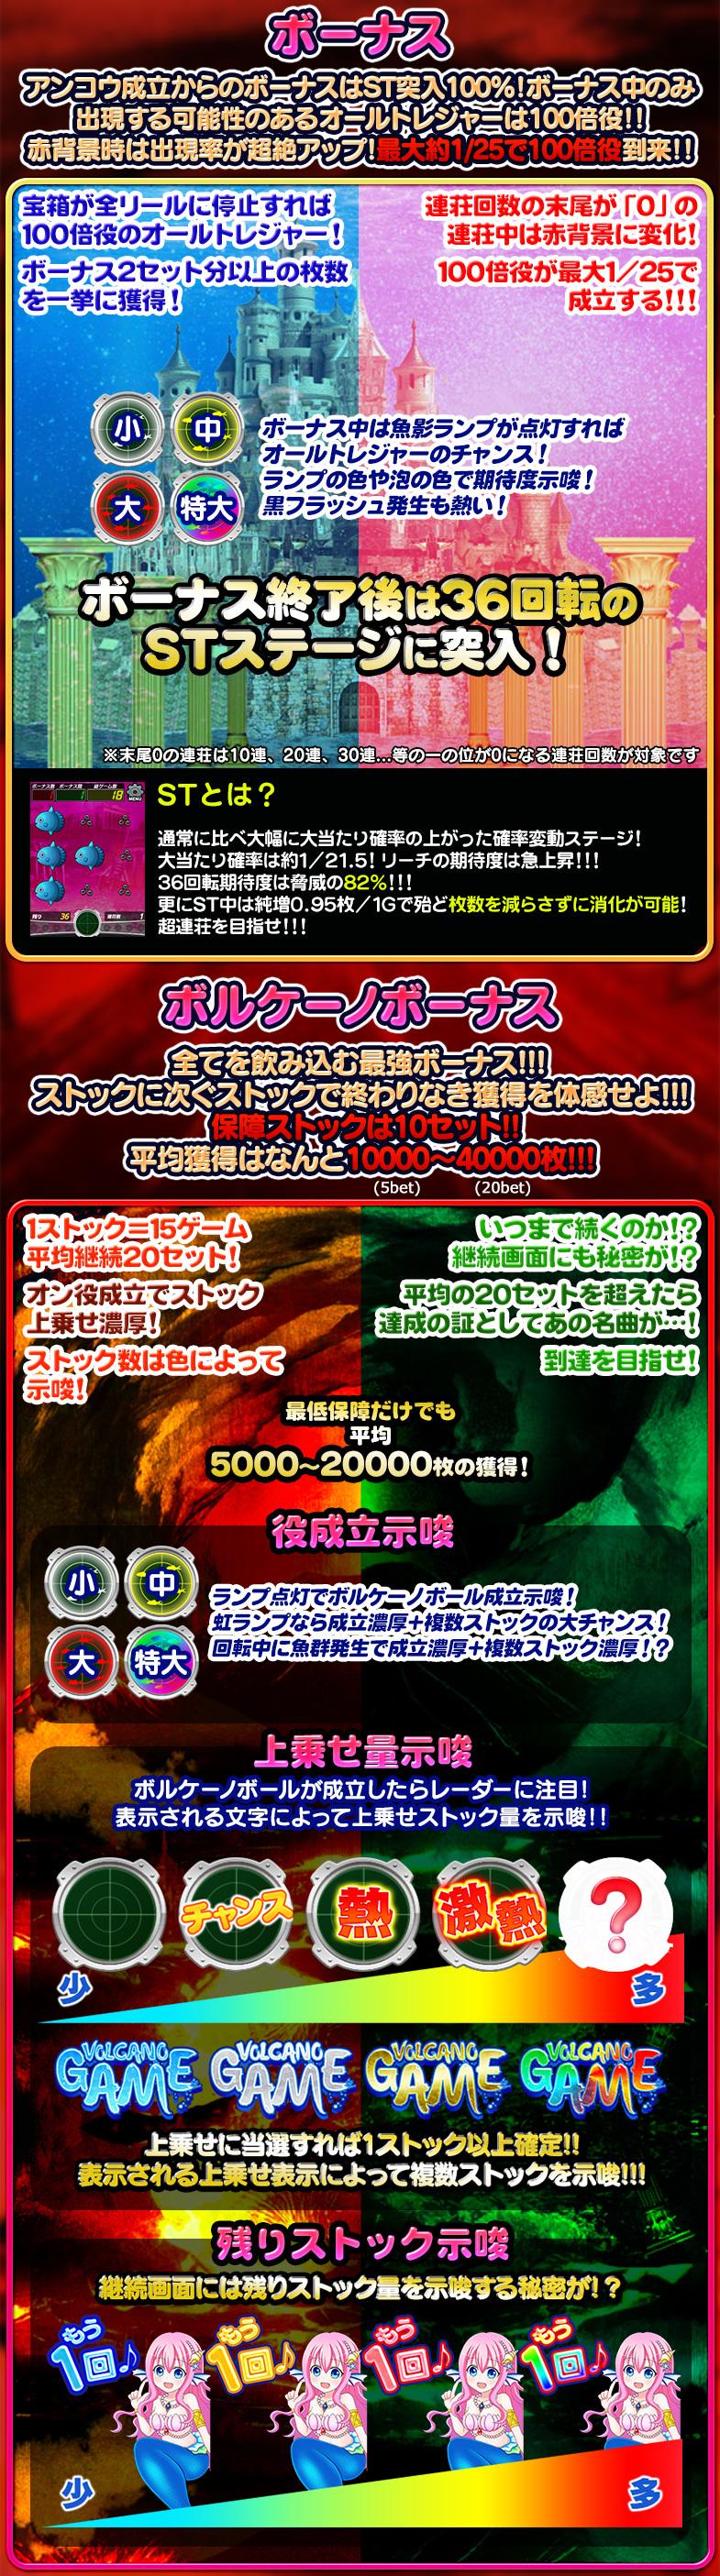 深海伝説2 In Volcano ボーナス